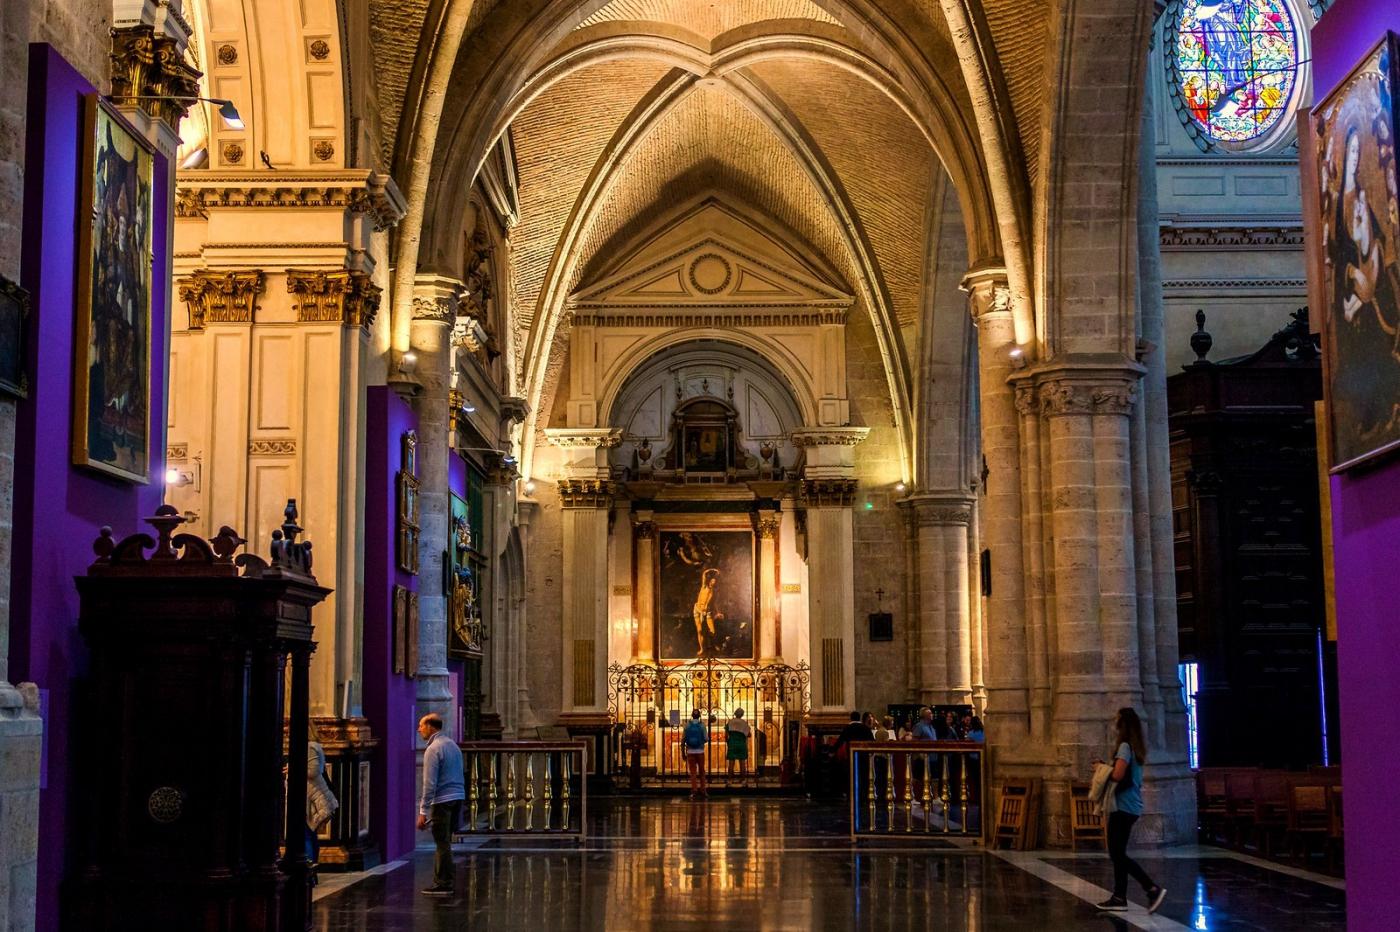 西班牙巴倫西亞主教堂,越看越喜歡_圖1-2